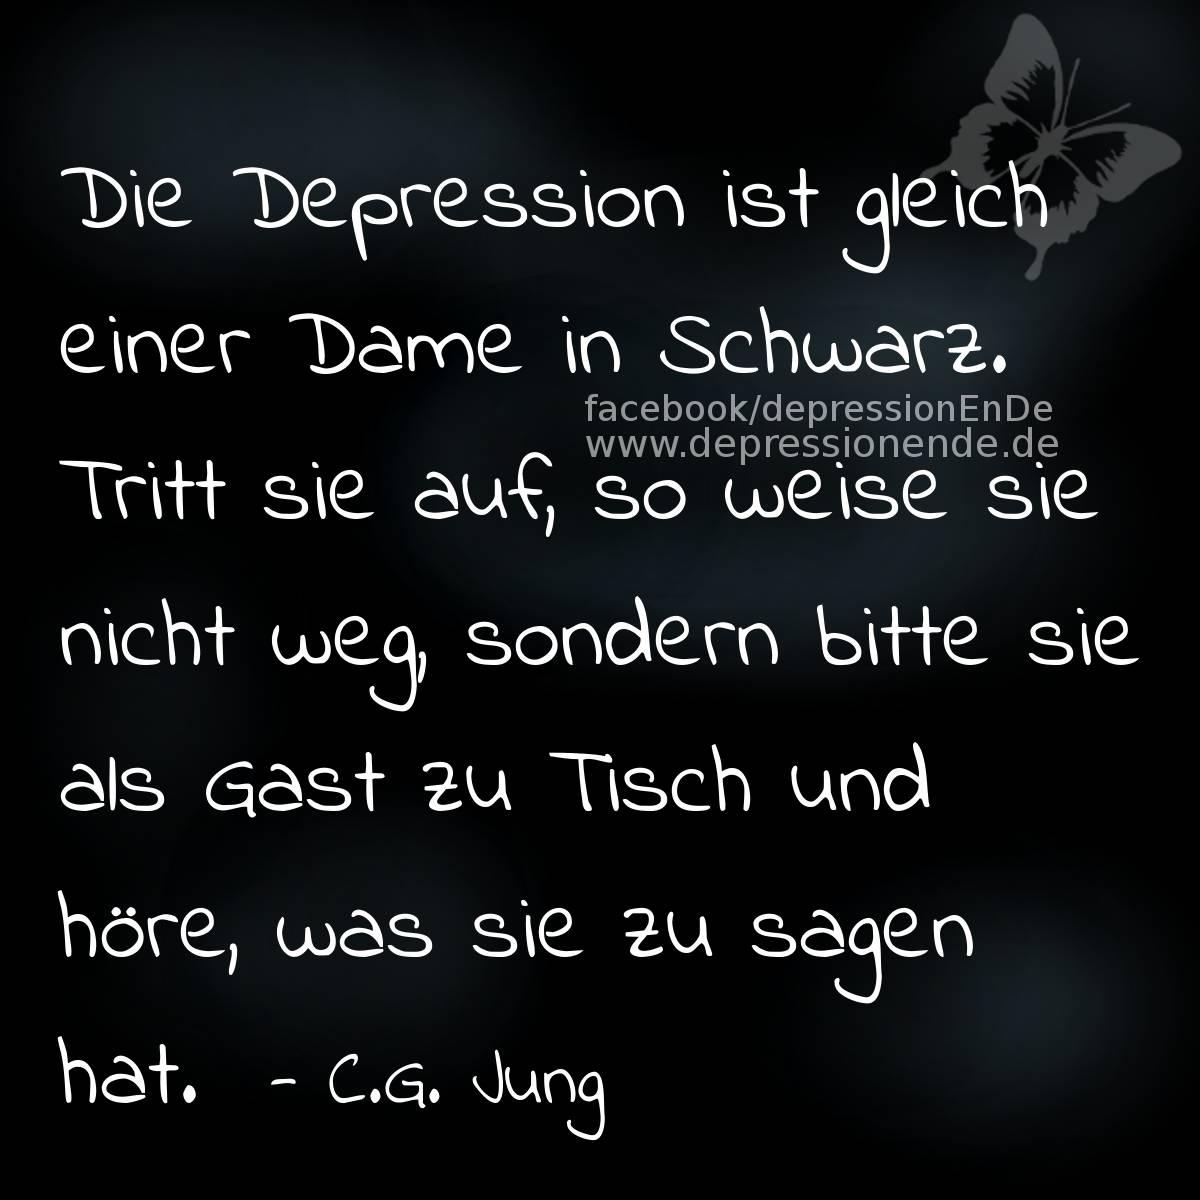 Spruchbild: Die Depression ist gleich einer Dame in Schwarz. Tritt sie auf, so weise sie nicht weg, sondern bitte sie als Gast zu Tisch und höre, was sie zu sagen hat. CG Jung